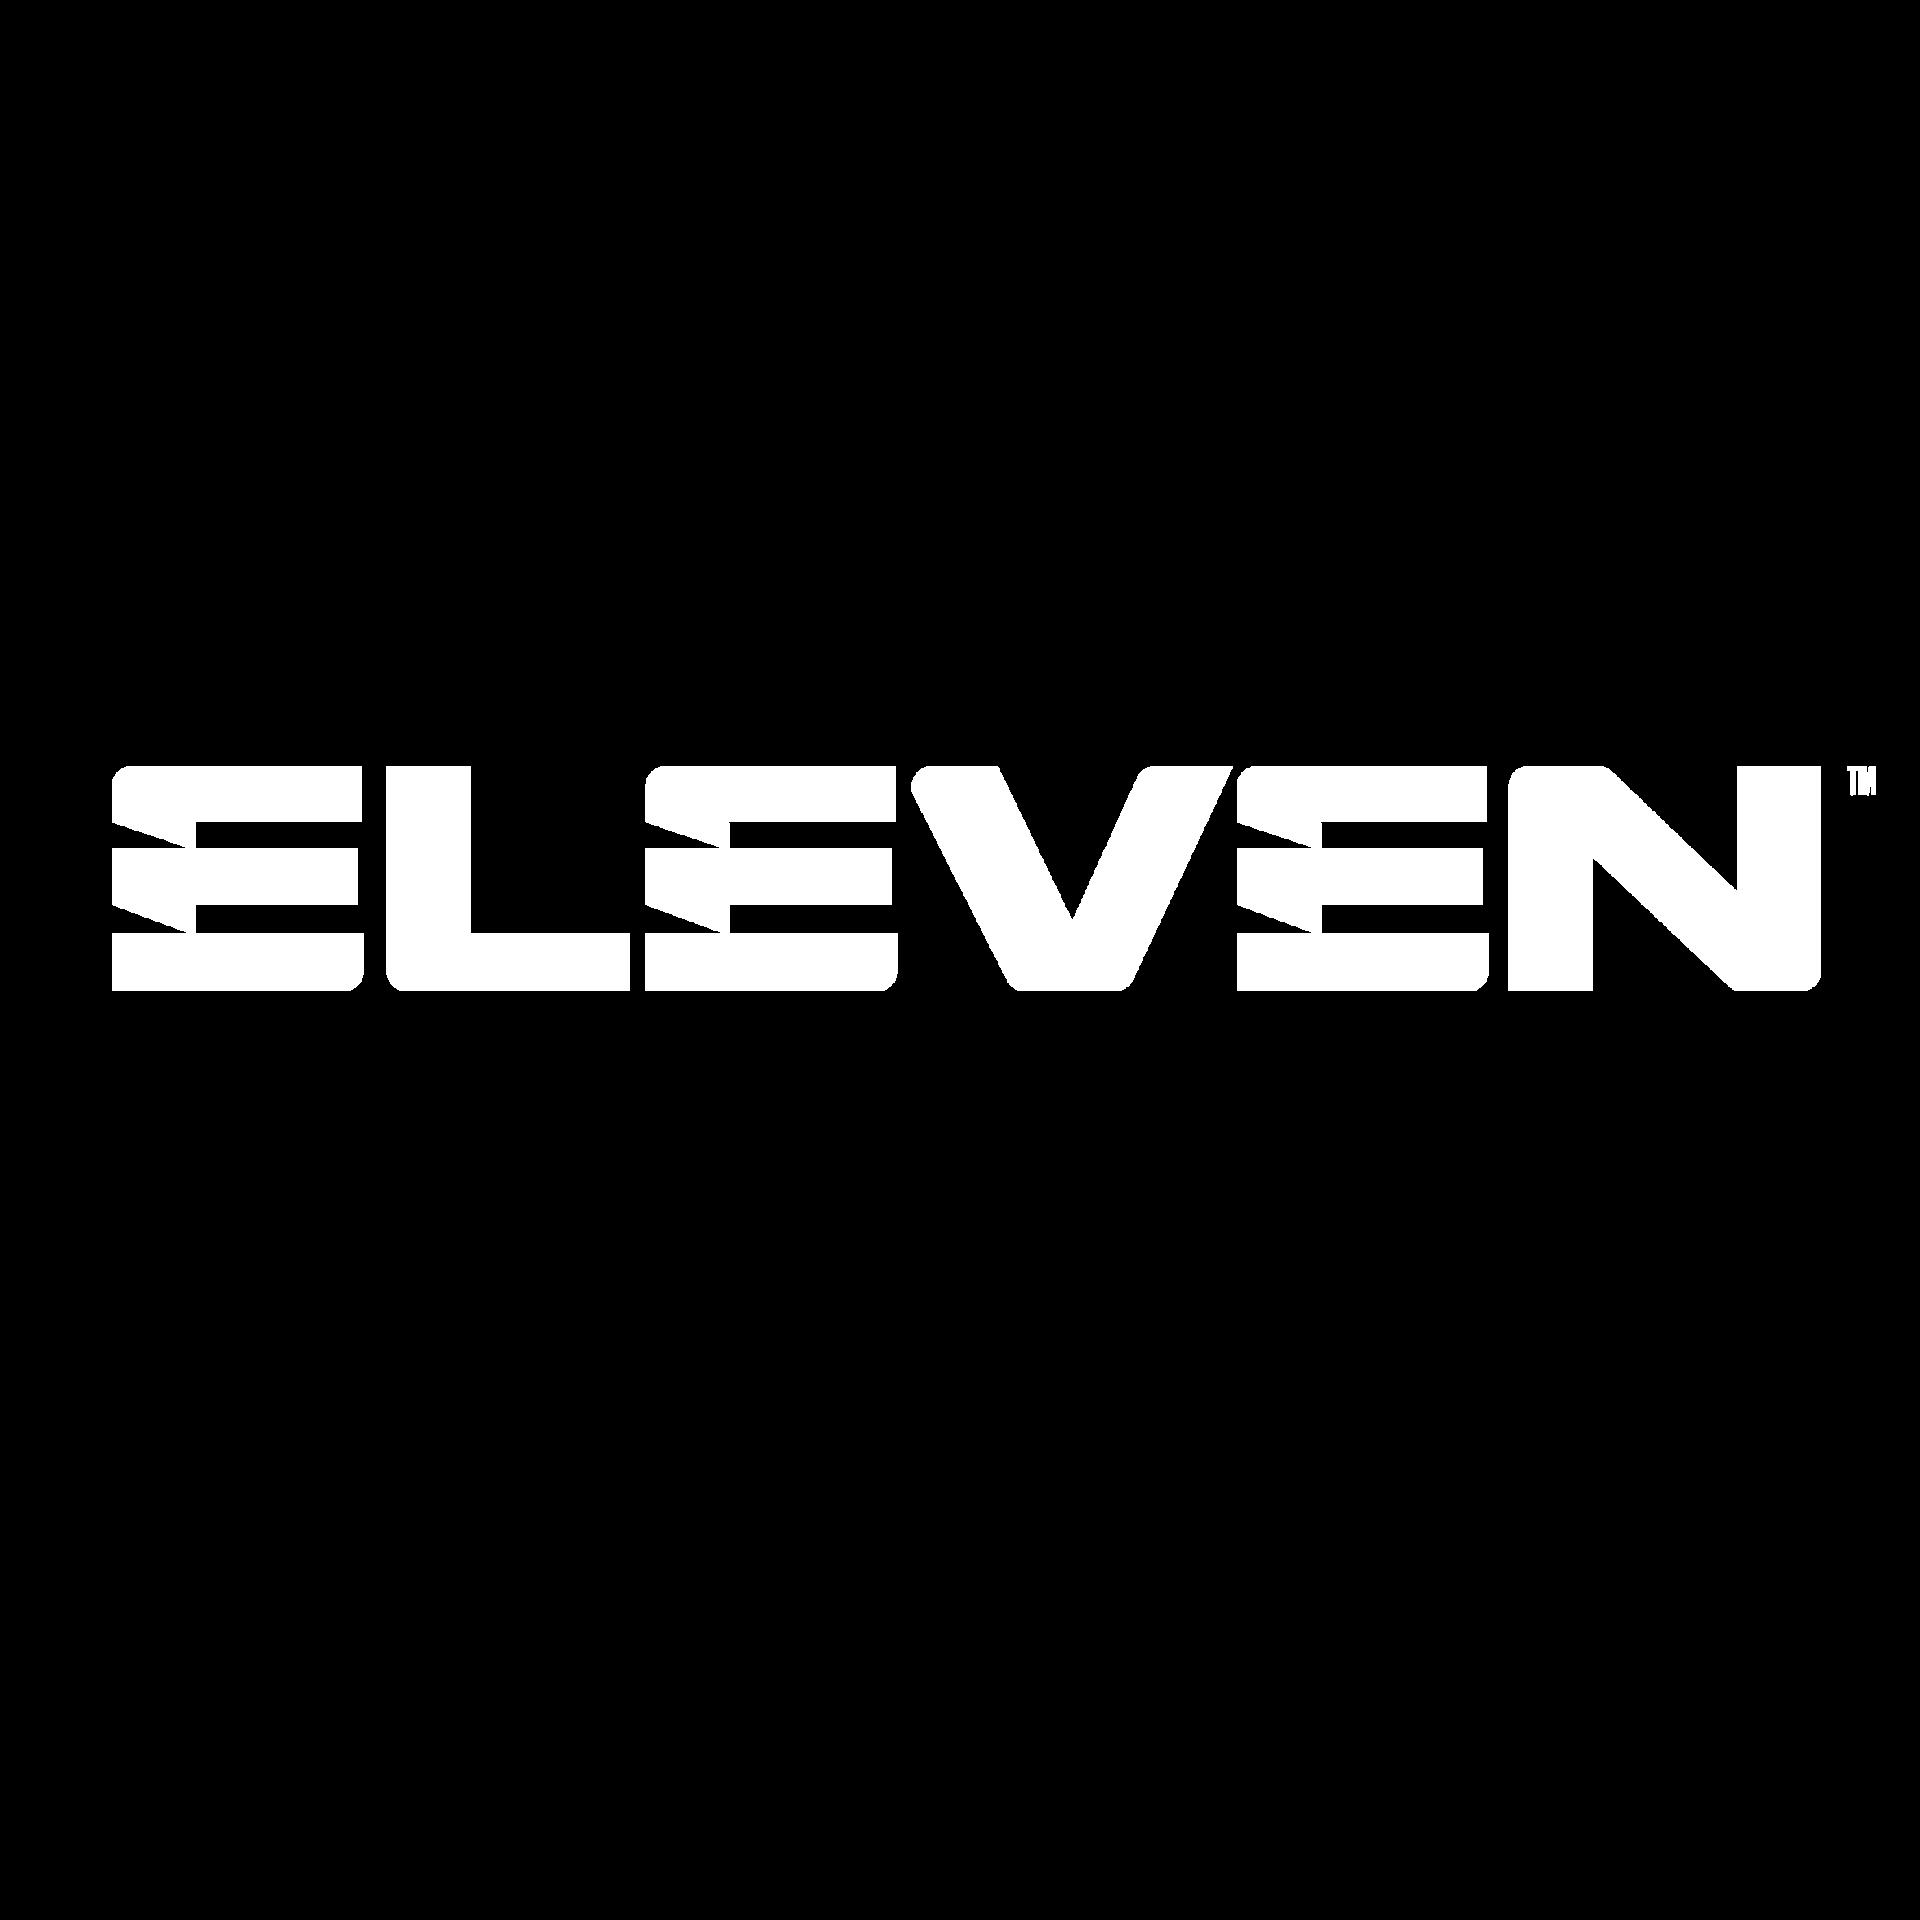 Eleven Transfer